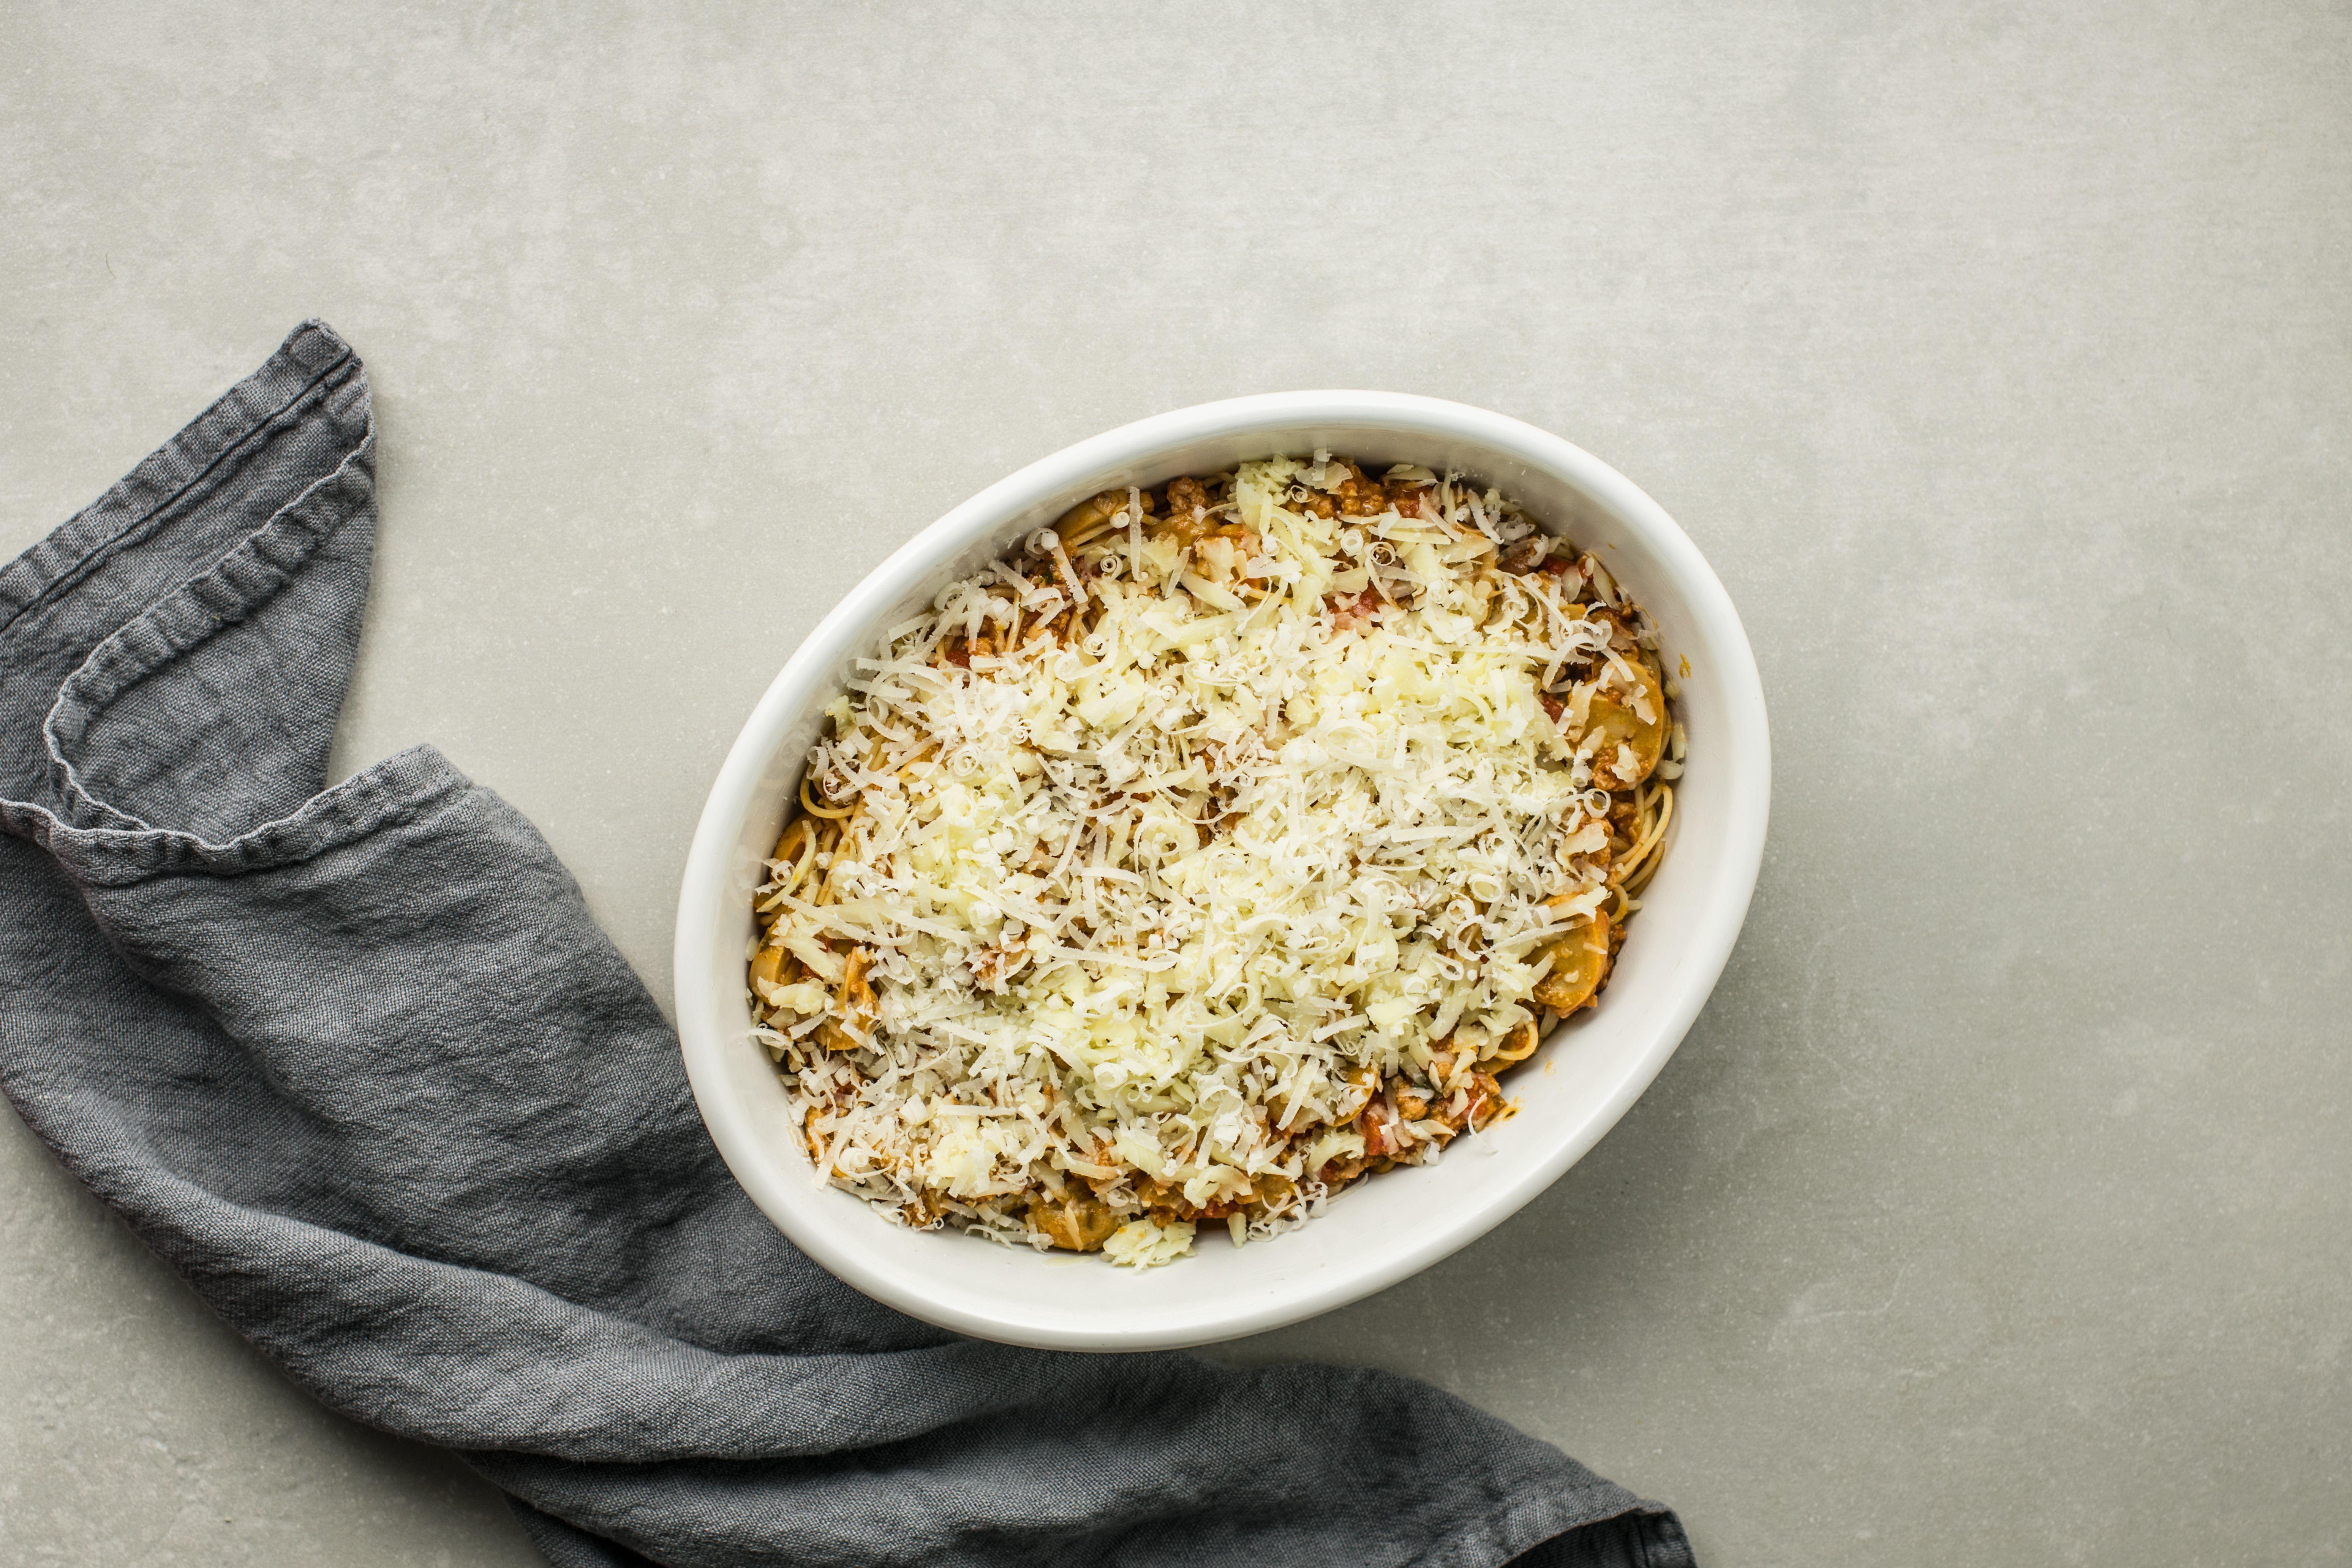 Spaghetti Casserole in casserole dish